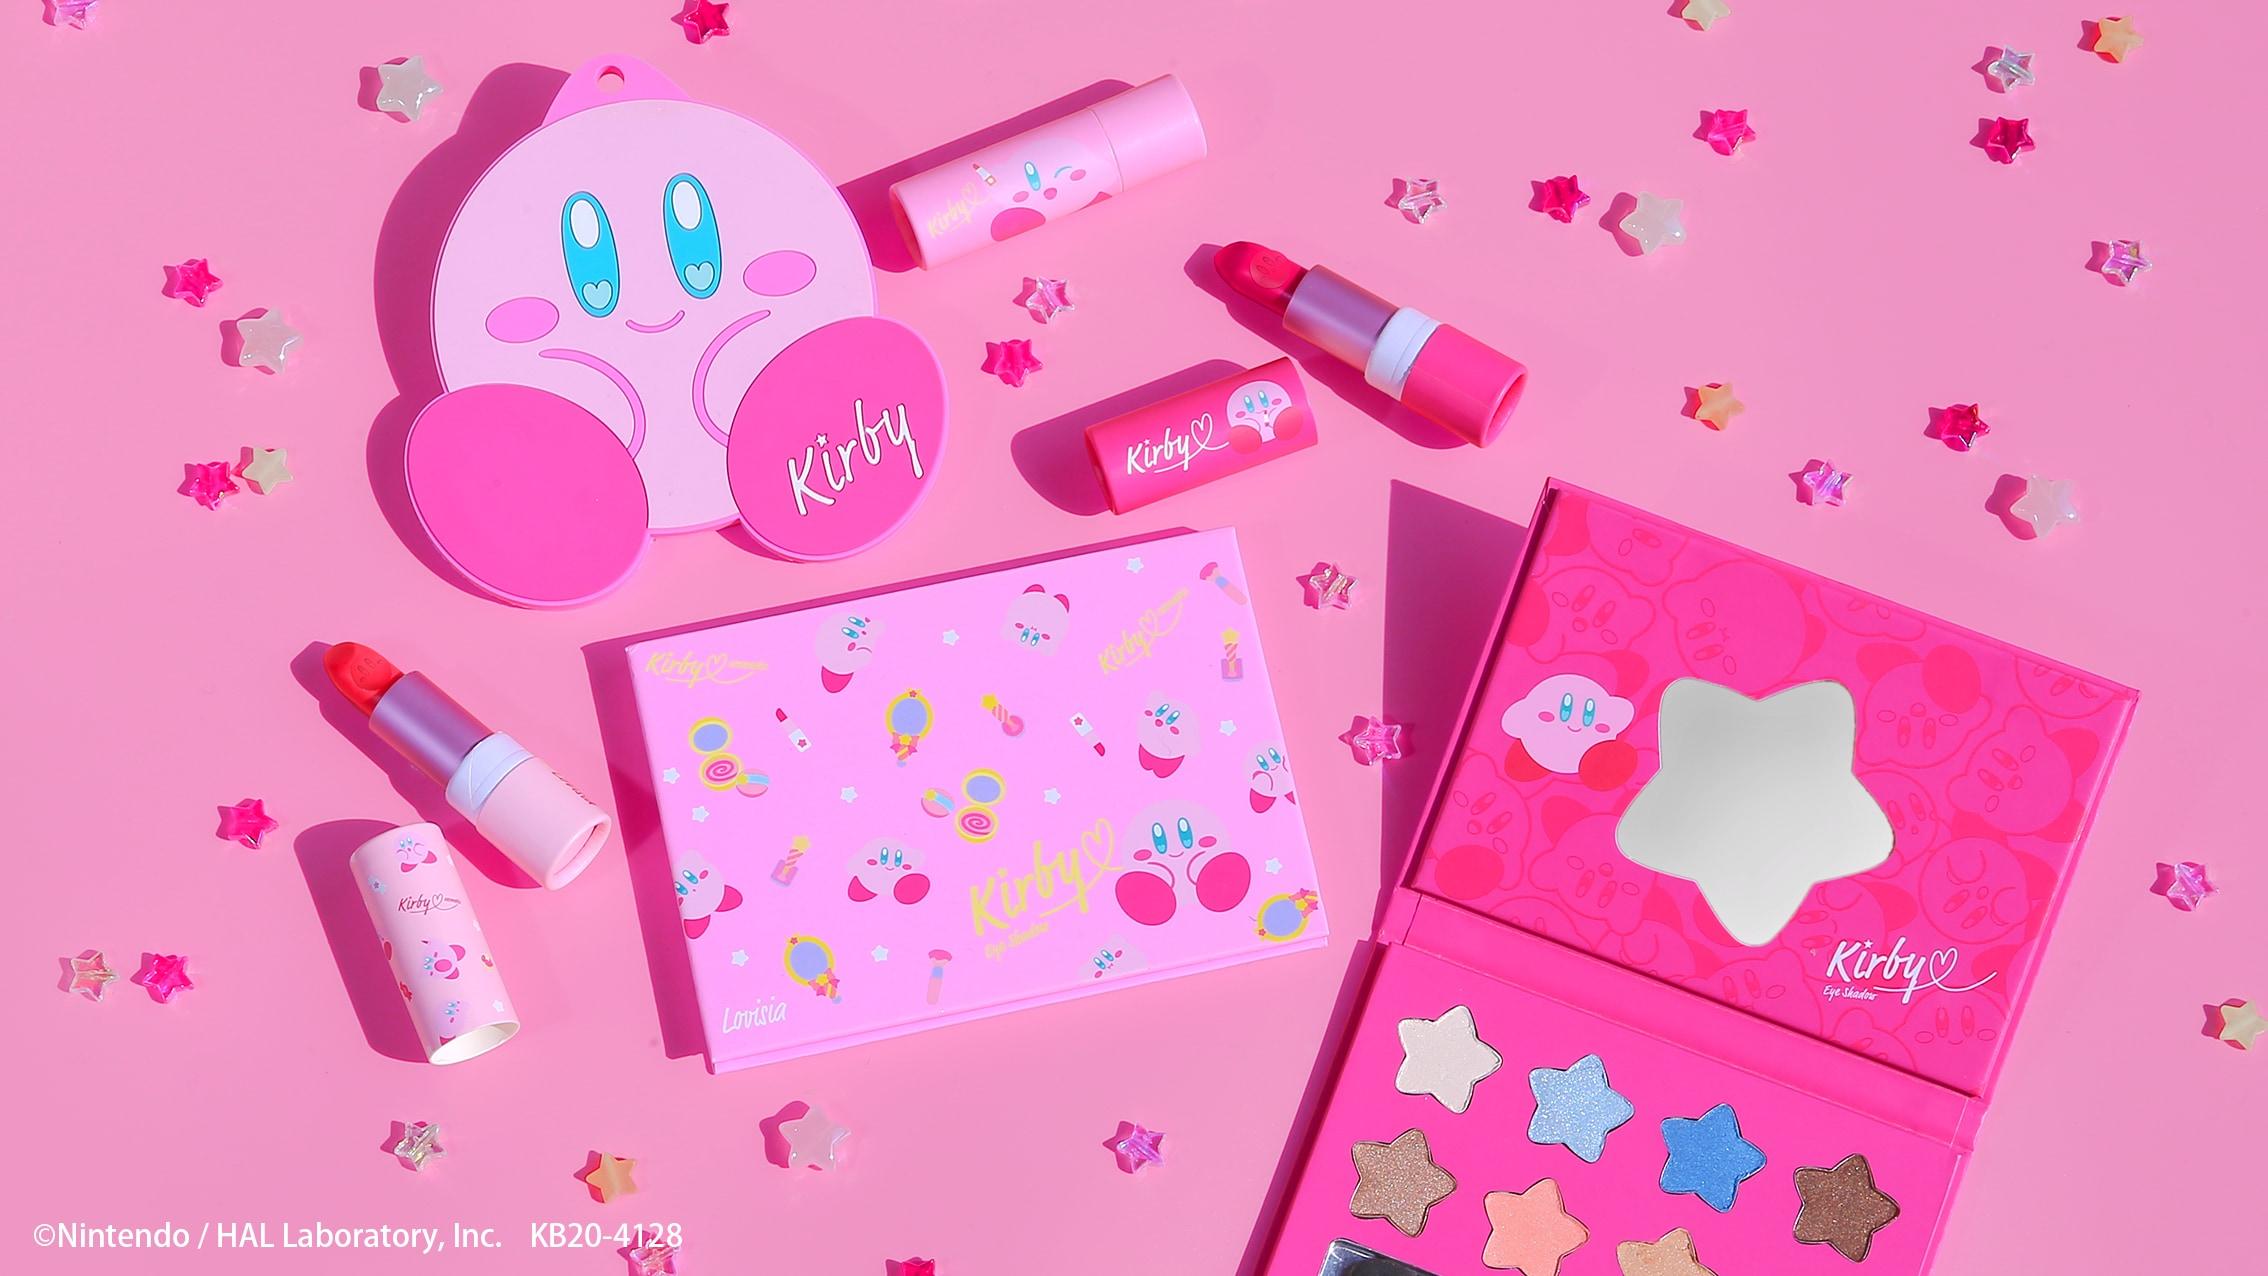 『星のカービィ』コスメグッズ登場!ピンク&かわいいがぎゅっと詰まったアイシャドウ・リップ・ミラー